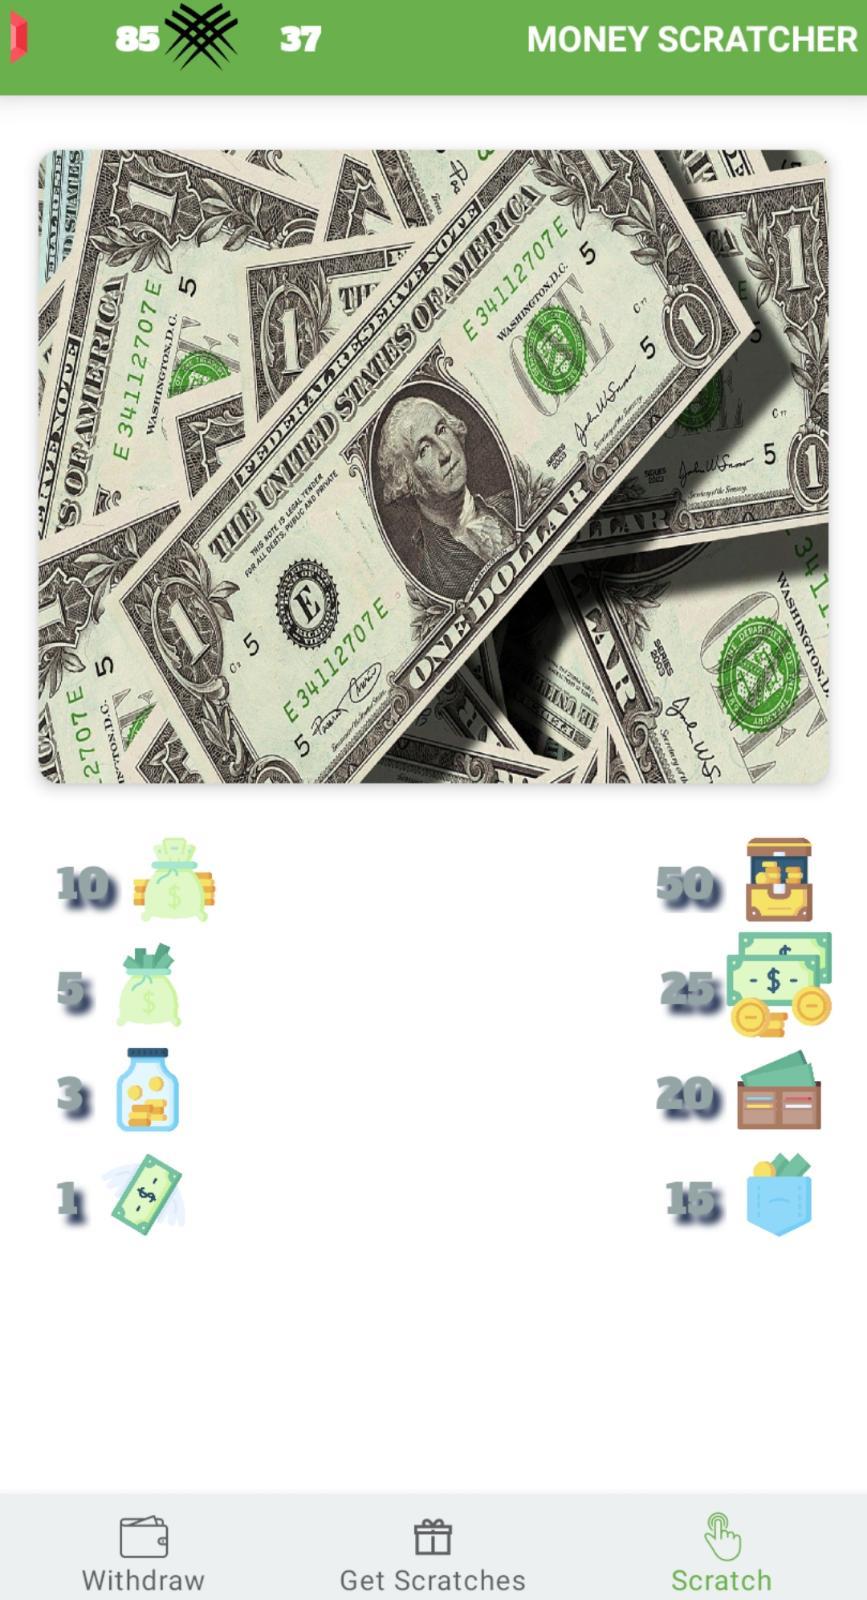 شرح تطبيقين لربح رصيد الباي بال مجانا + أقل سحب 0.02$